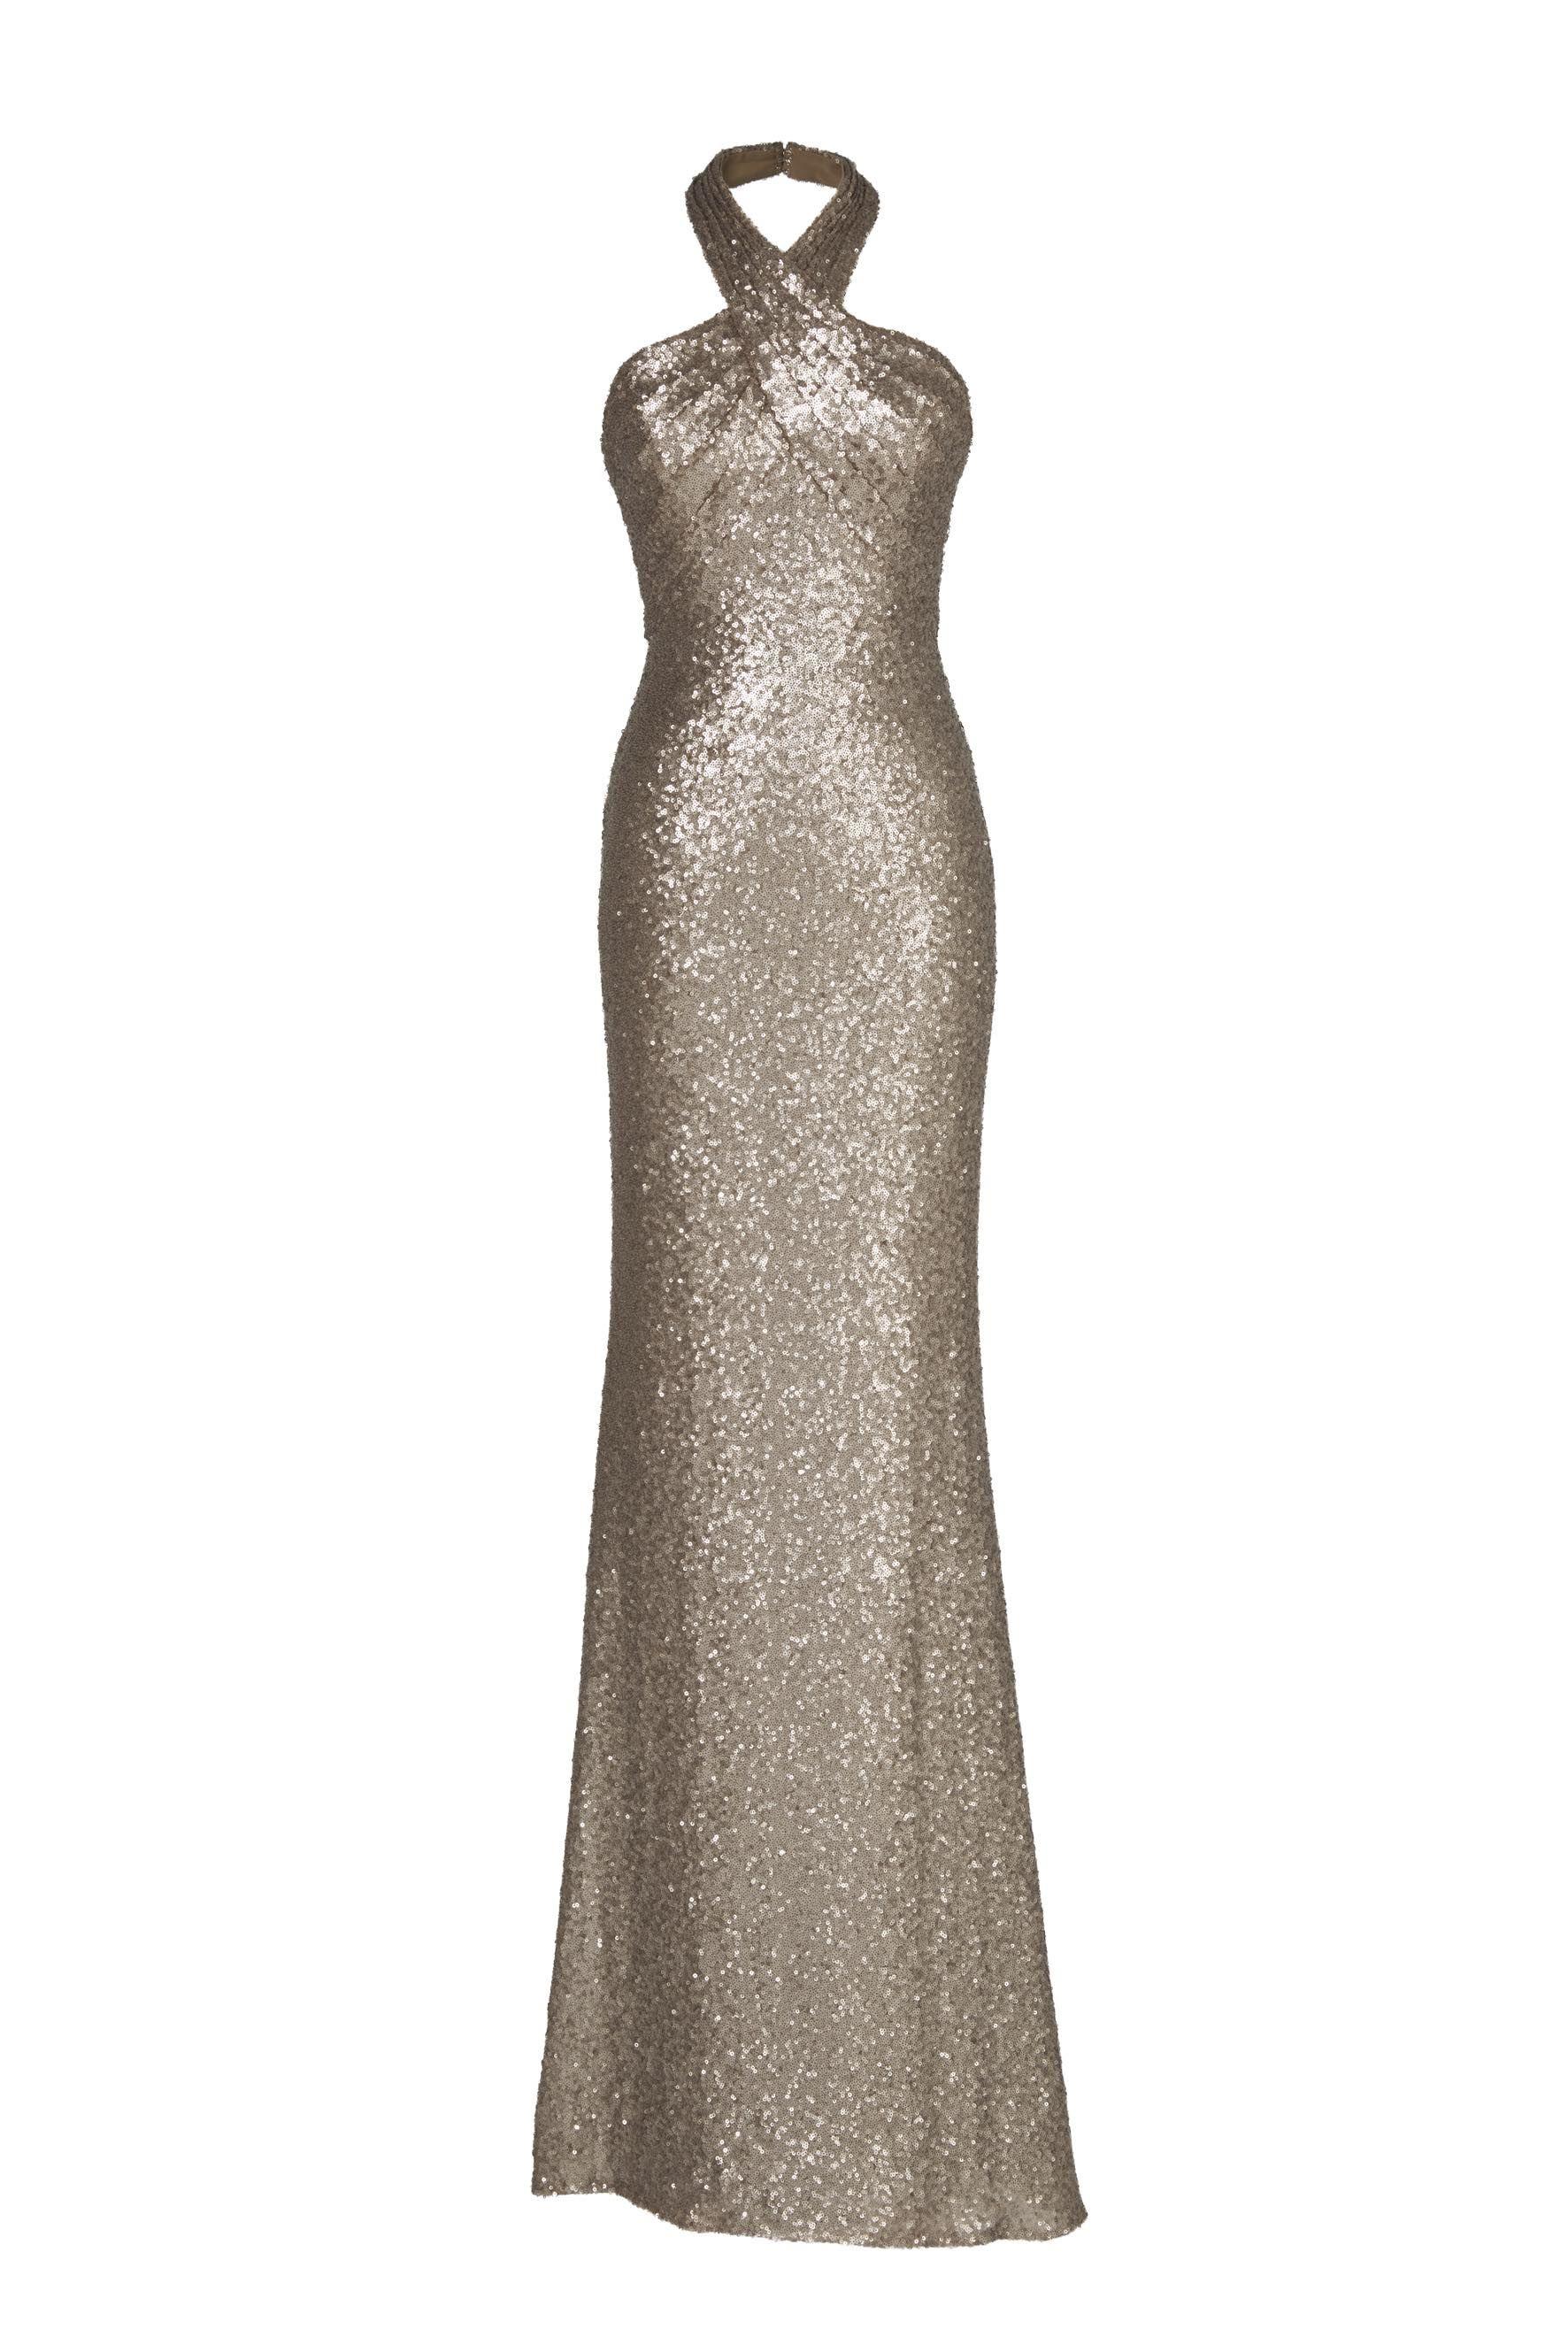 Vestiti da sera con schiena scoperta come il modello in oro di Pronovias